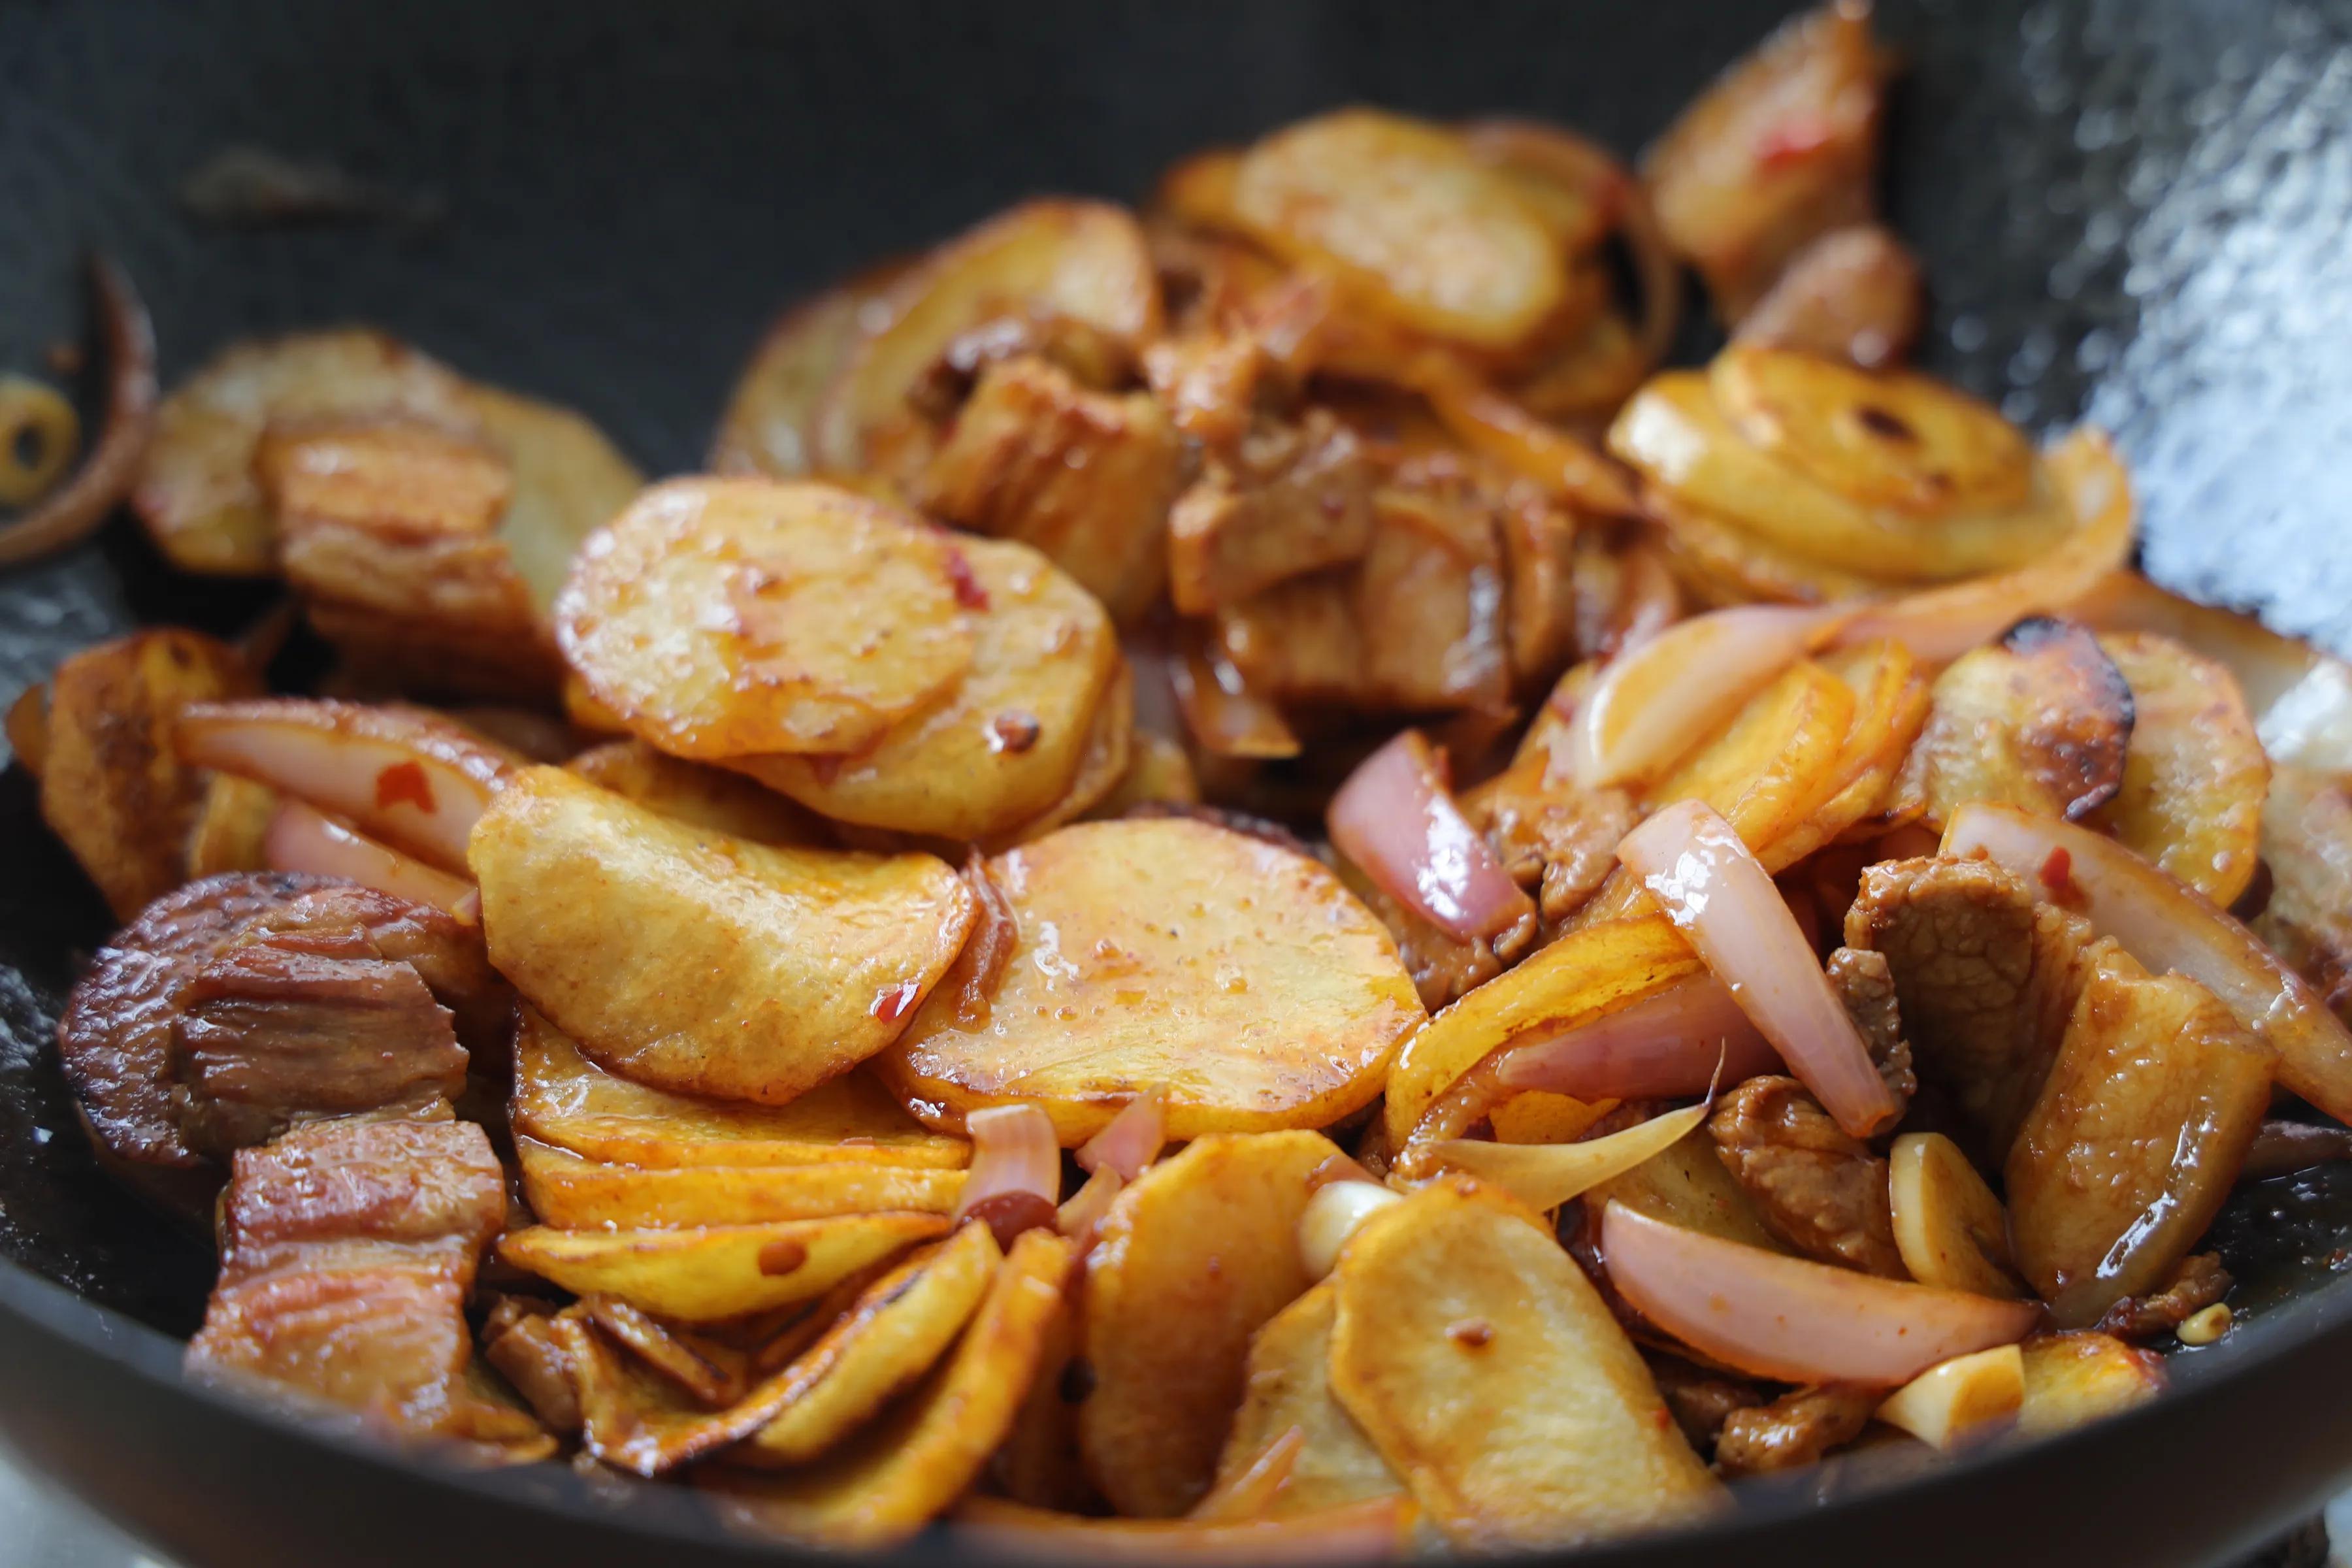 土豆这样吃太美味,鲜香下饭,比干锅土豆还过瘾,颜值高更有食欲 美食做法 第10张